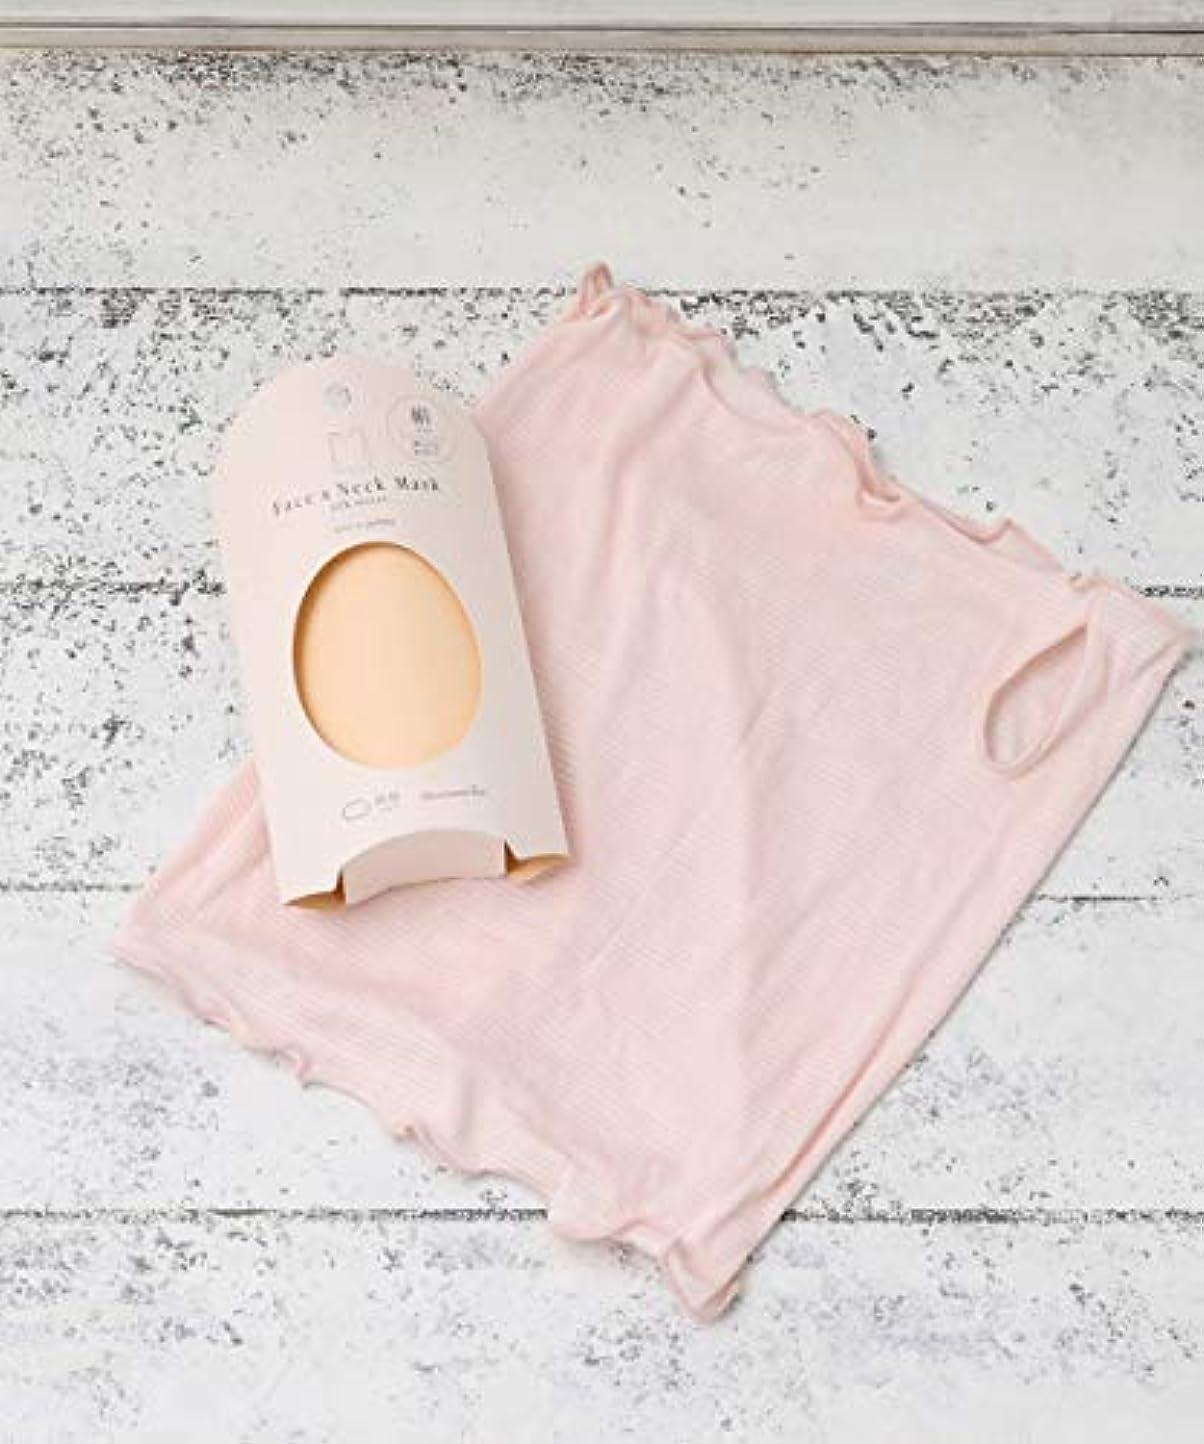 永久呼吸するトマト[ アフタヌーンティー リビング ] AfternoonTea LIVING シルク混 フェイス&ネック マスク ピンク